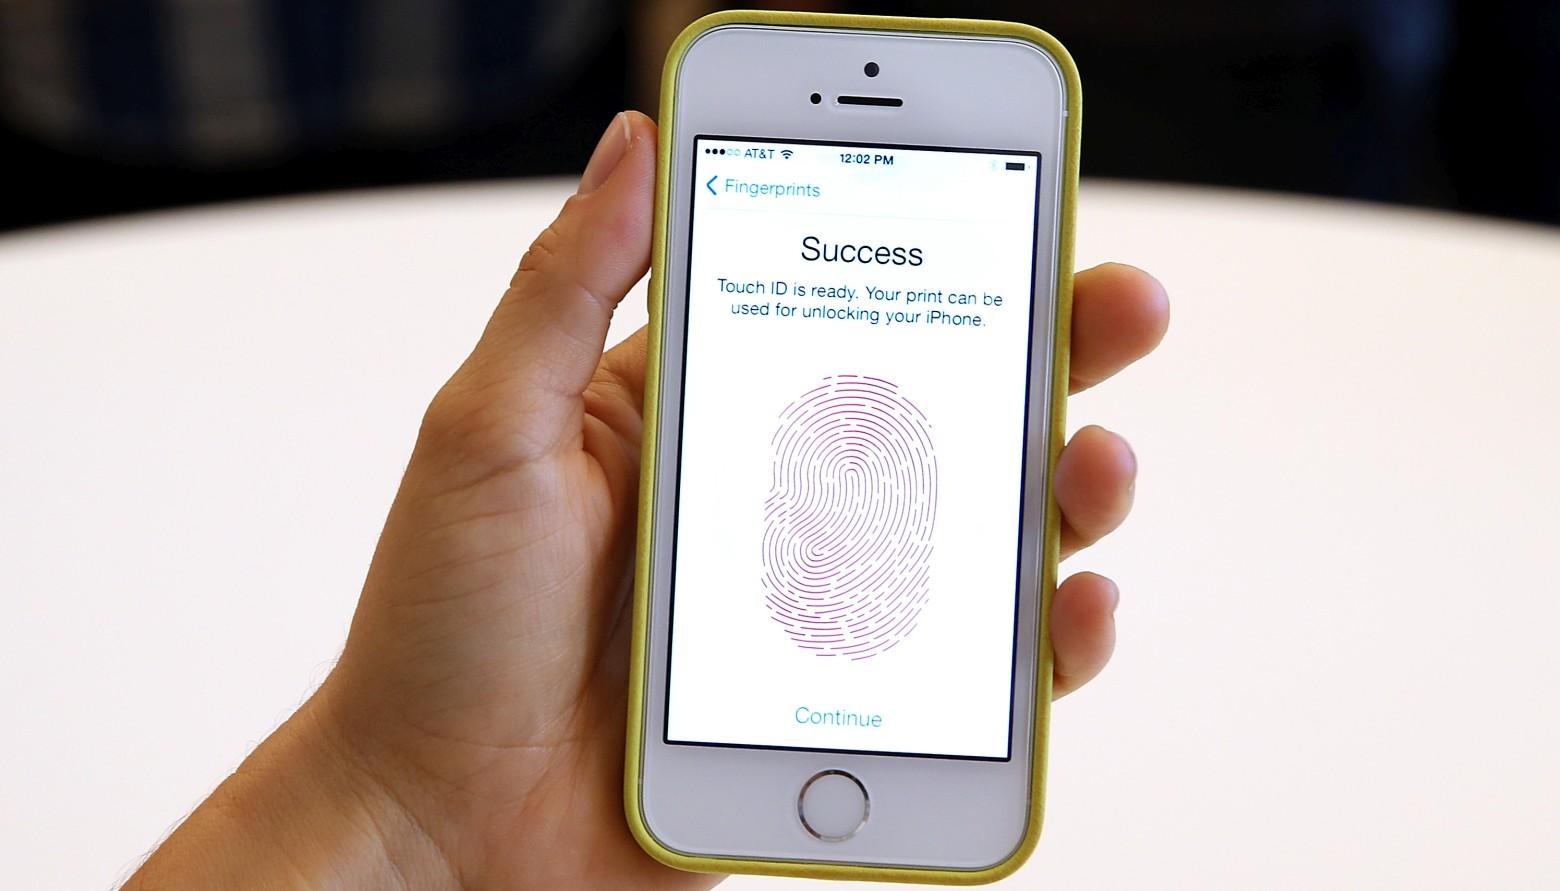 Решение суда США: власти не имеют права заставлять человека разблокировать телефон пальцем или лицом - 1